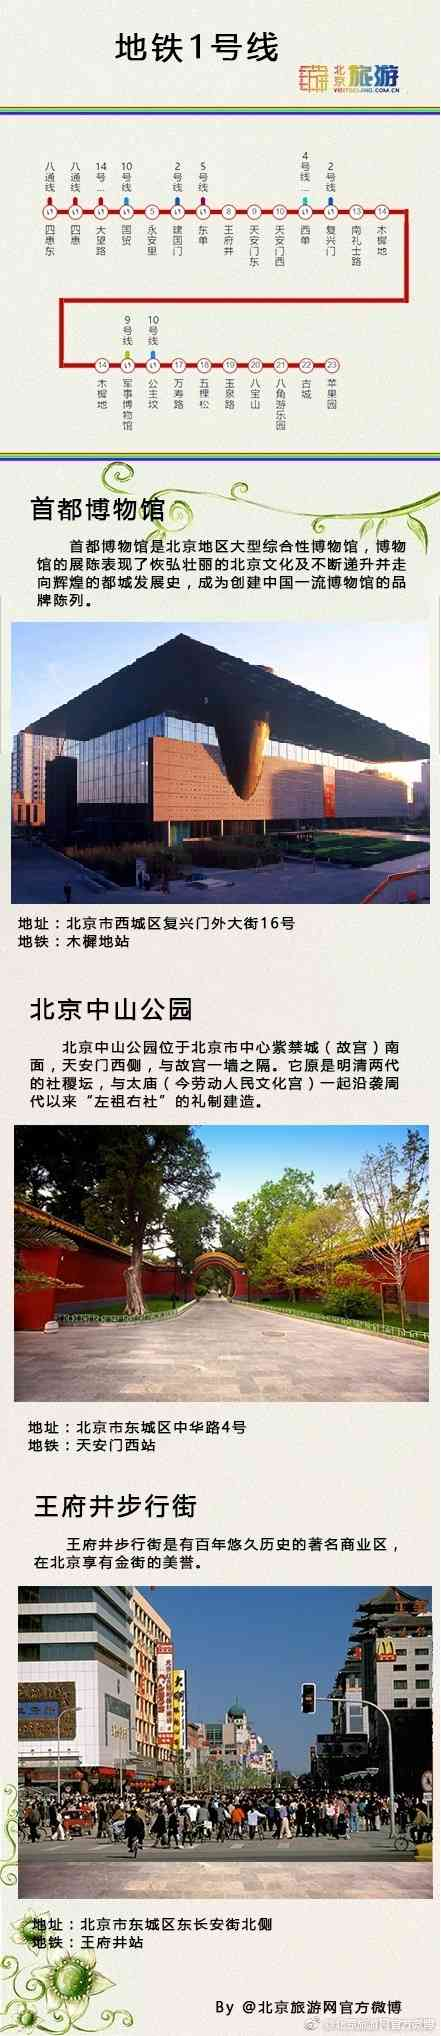 地铁游北京:地铁1号线上你不容错过的15个景点!